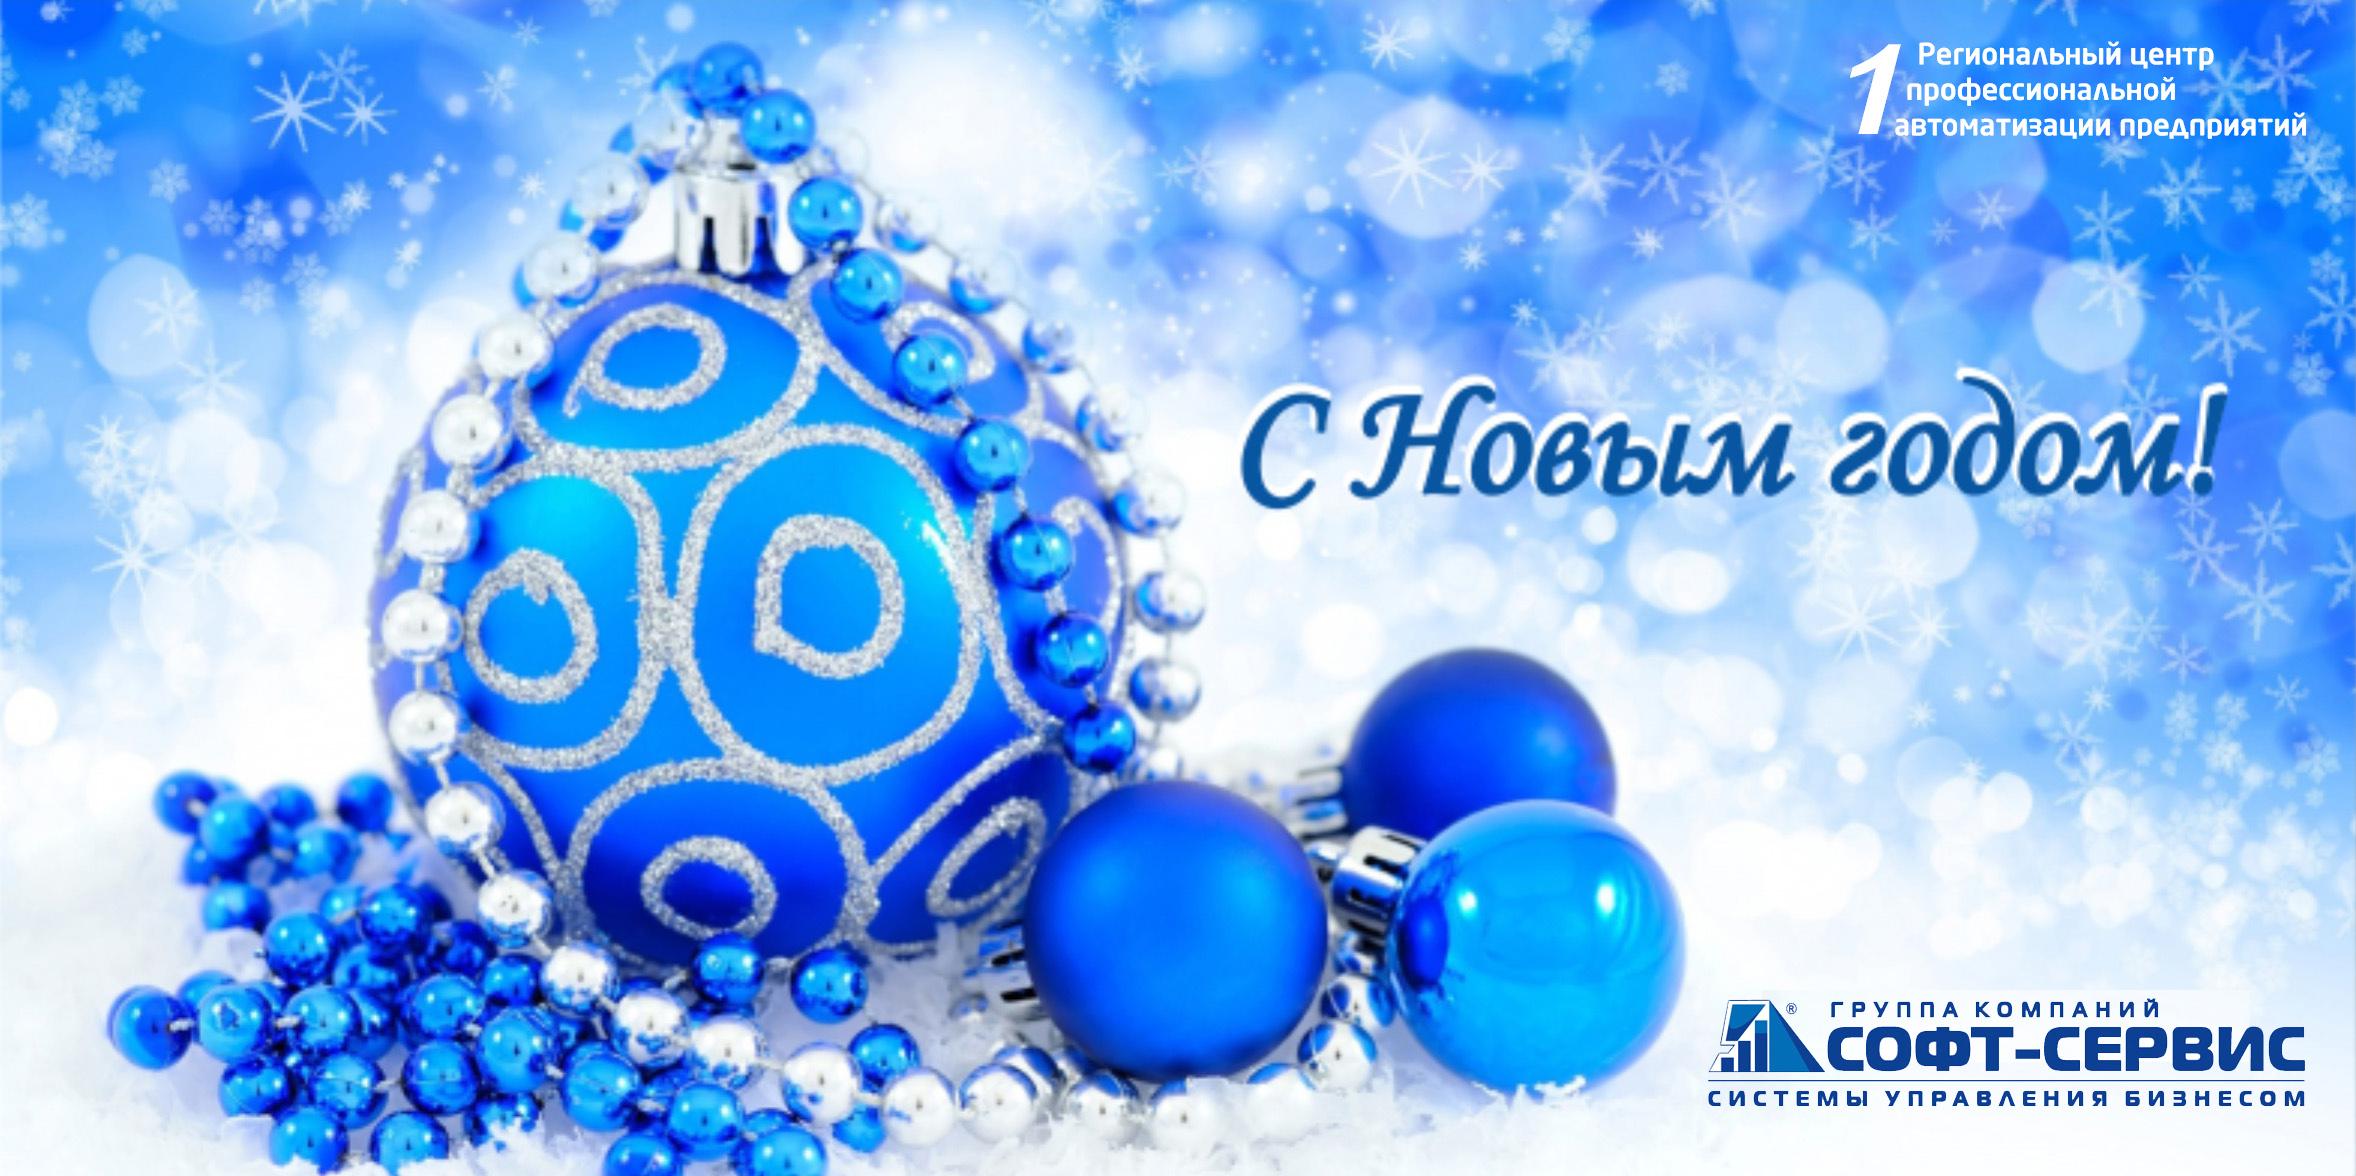 Деловая открытка с новым годом